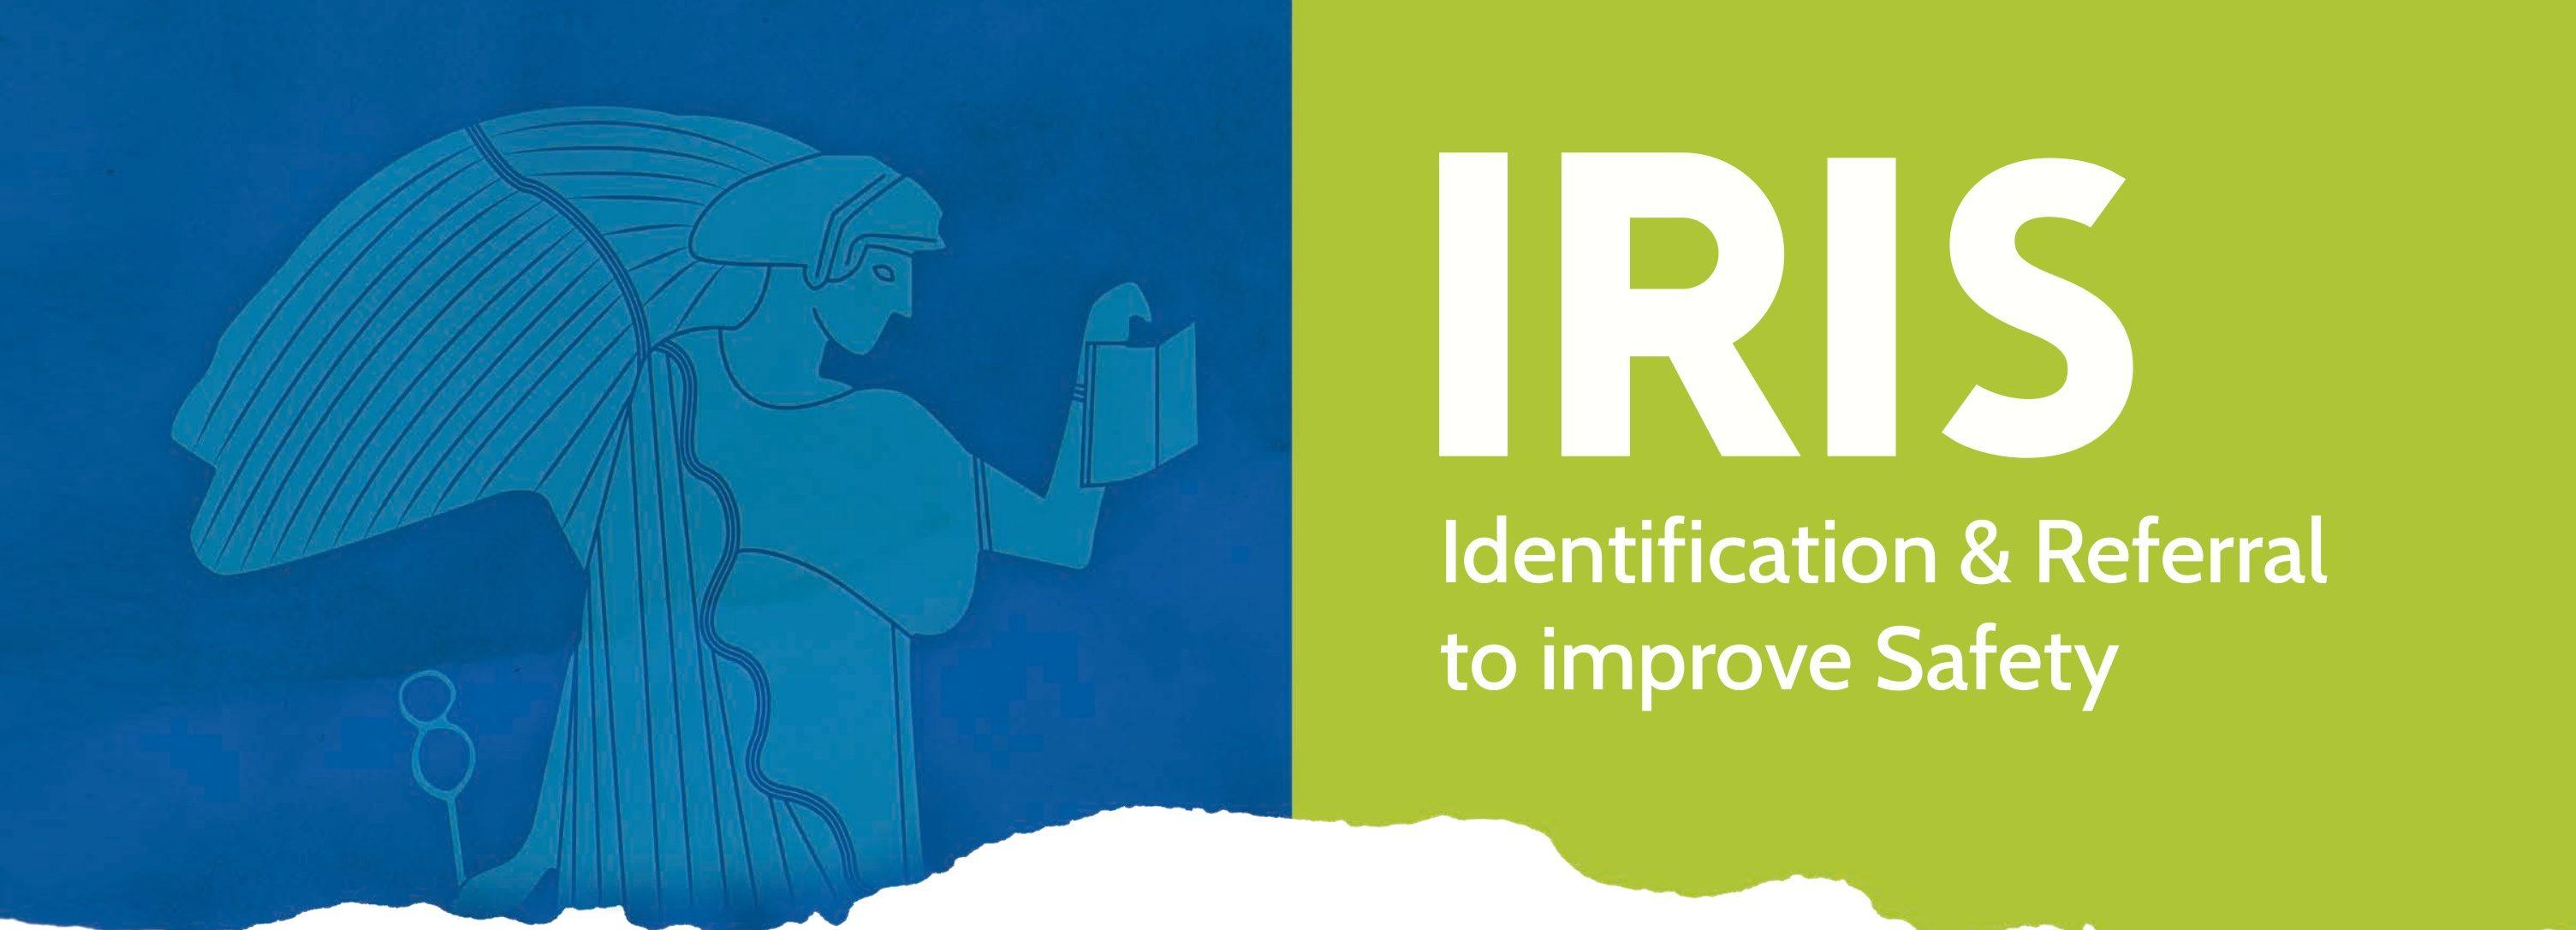 IRIS header wide